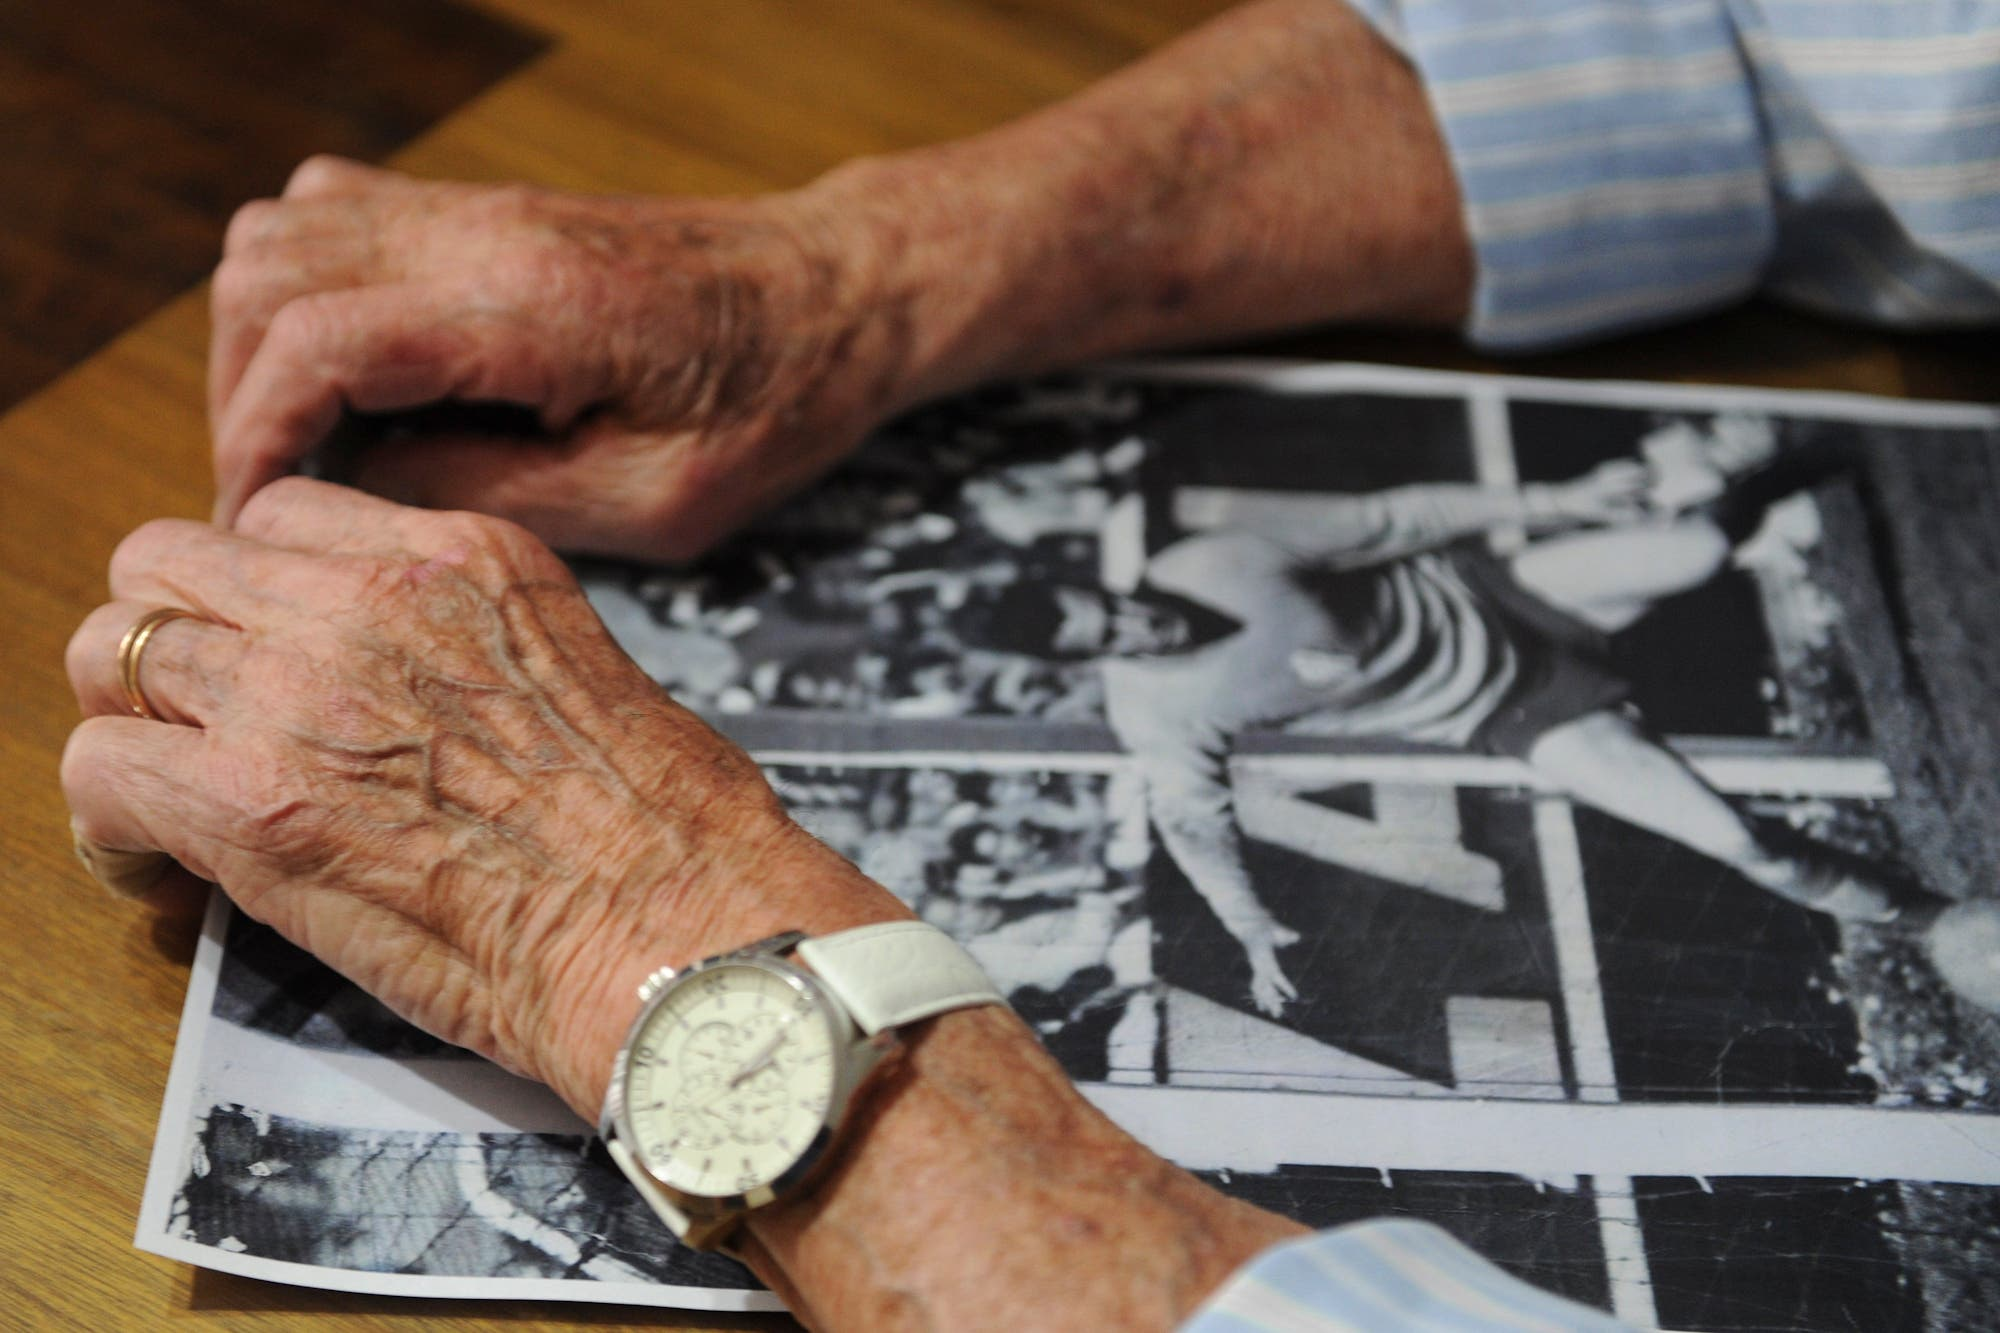 Amadeo Carrizo y la muerte. Su receta para la longevidad y cómo quería que lo recordaran